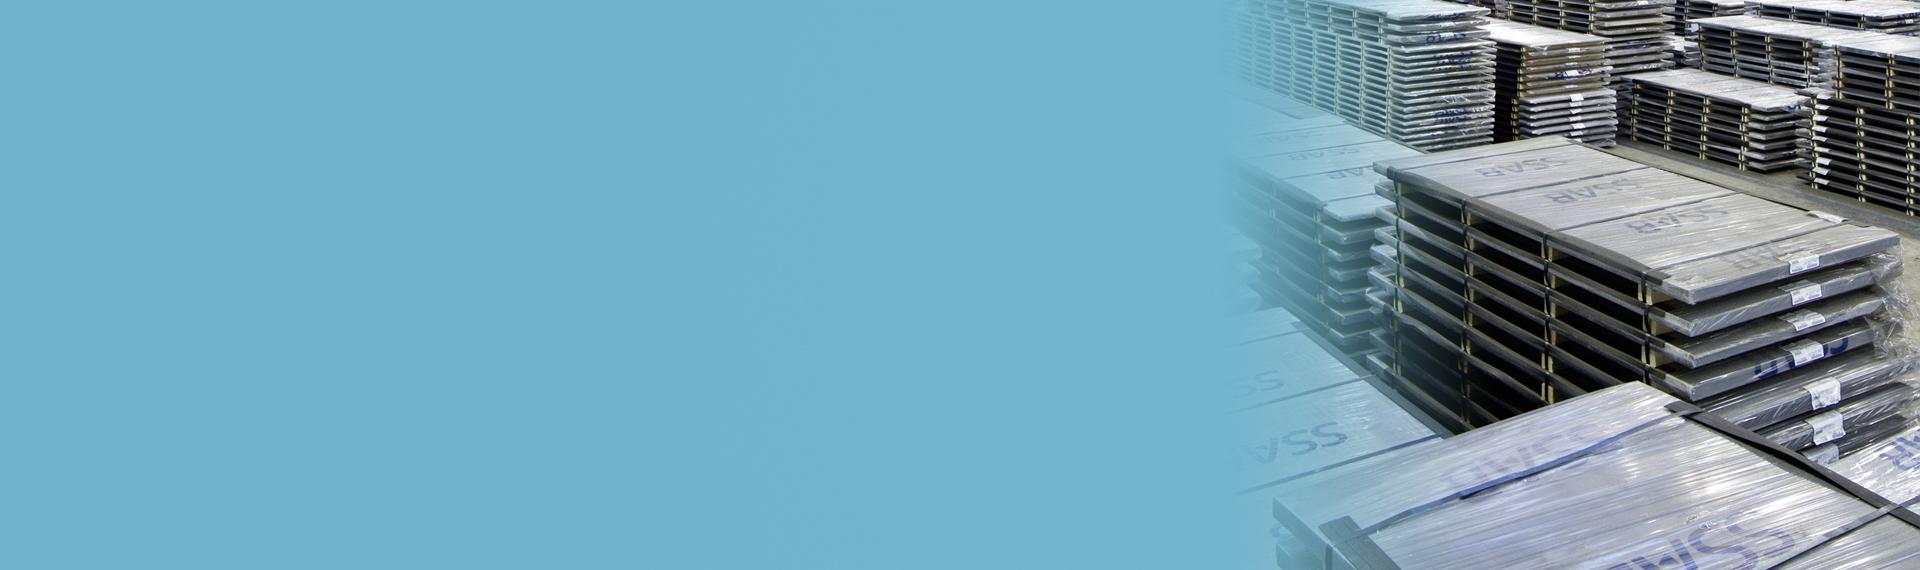 Ampia gamma prodotti per le tue esigenze - Magazzino SSAB